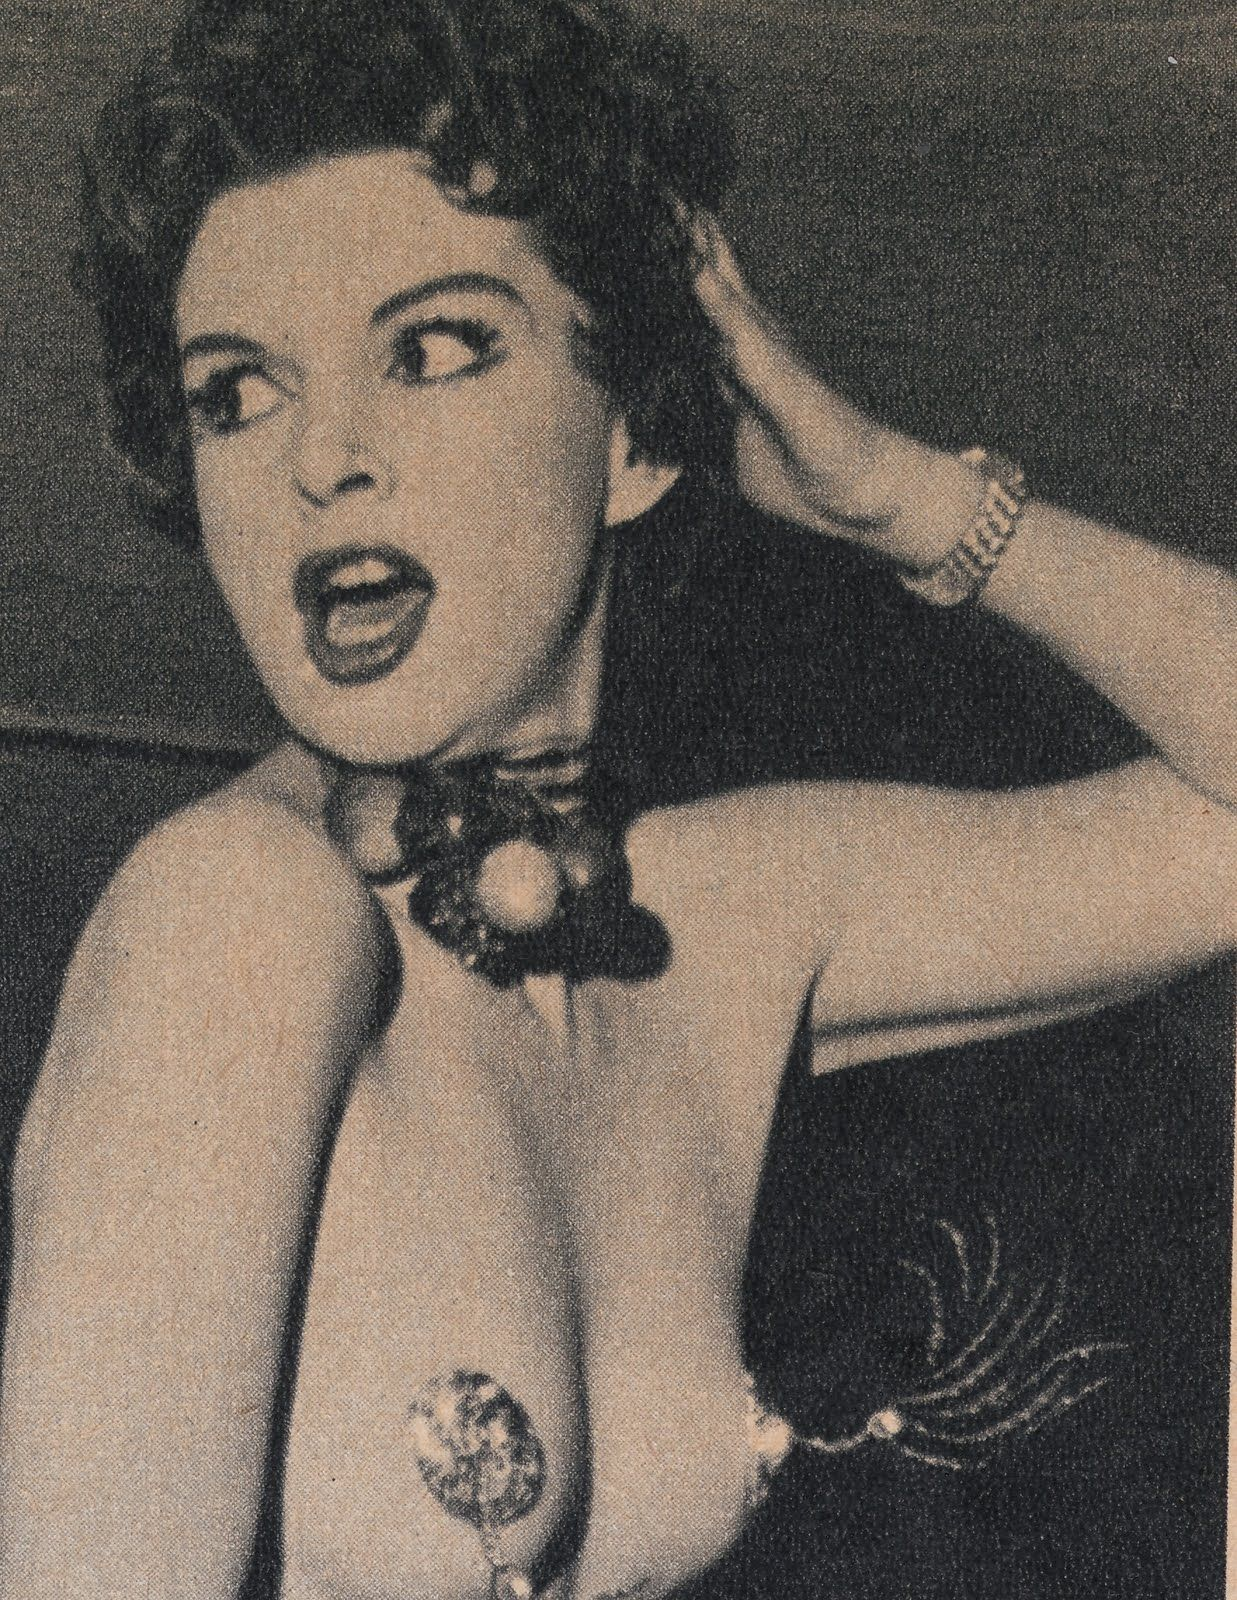 Vintage sleaze adult stars catalogs